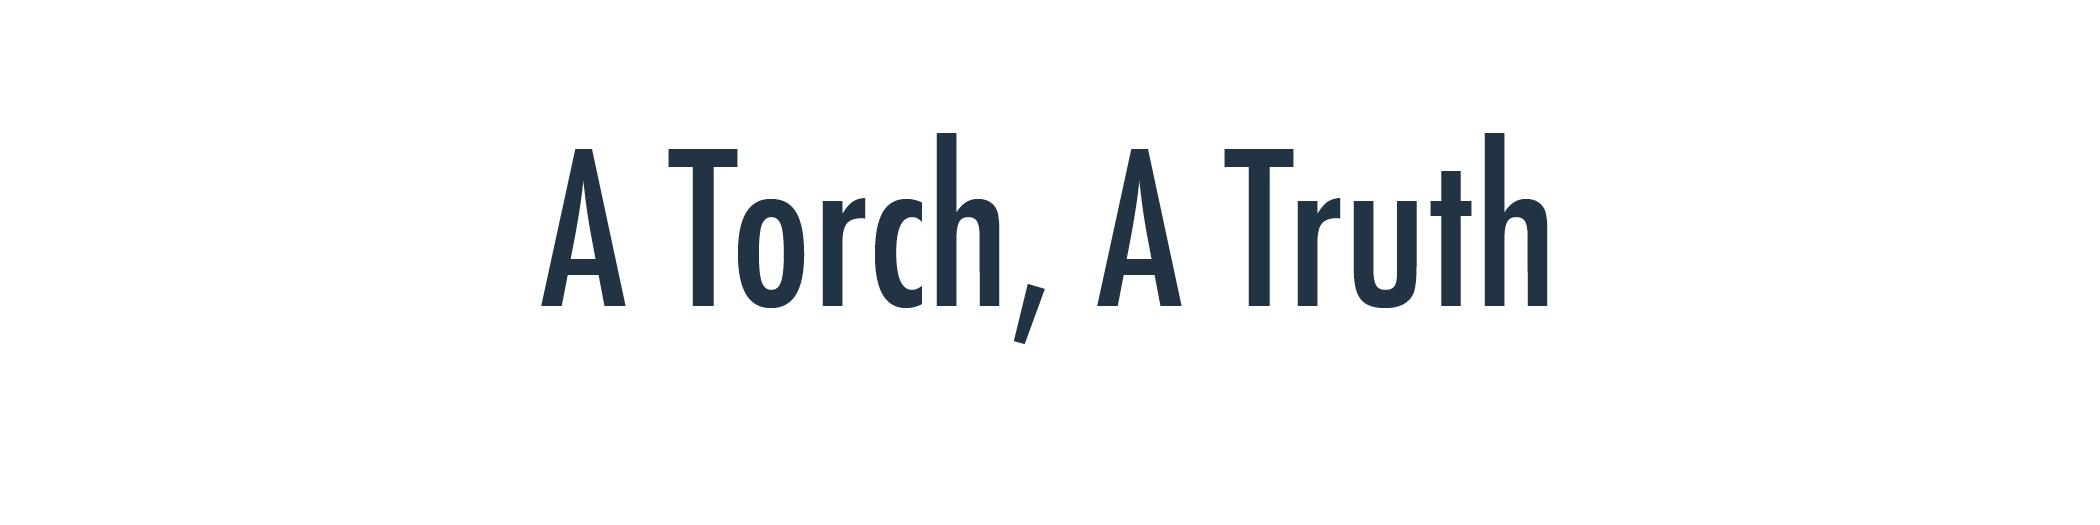 a torch a truth.jpg